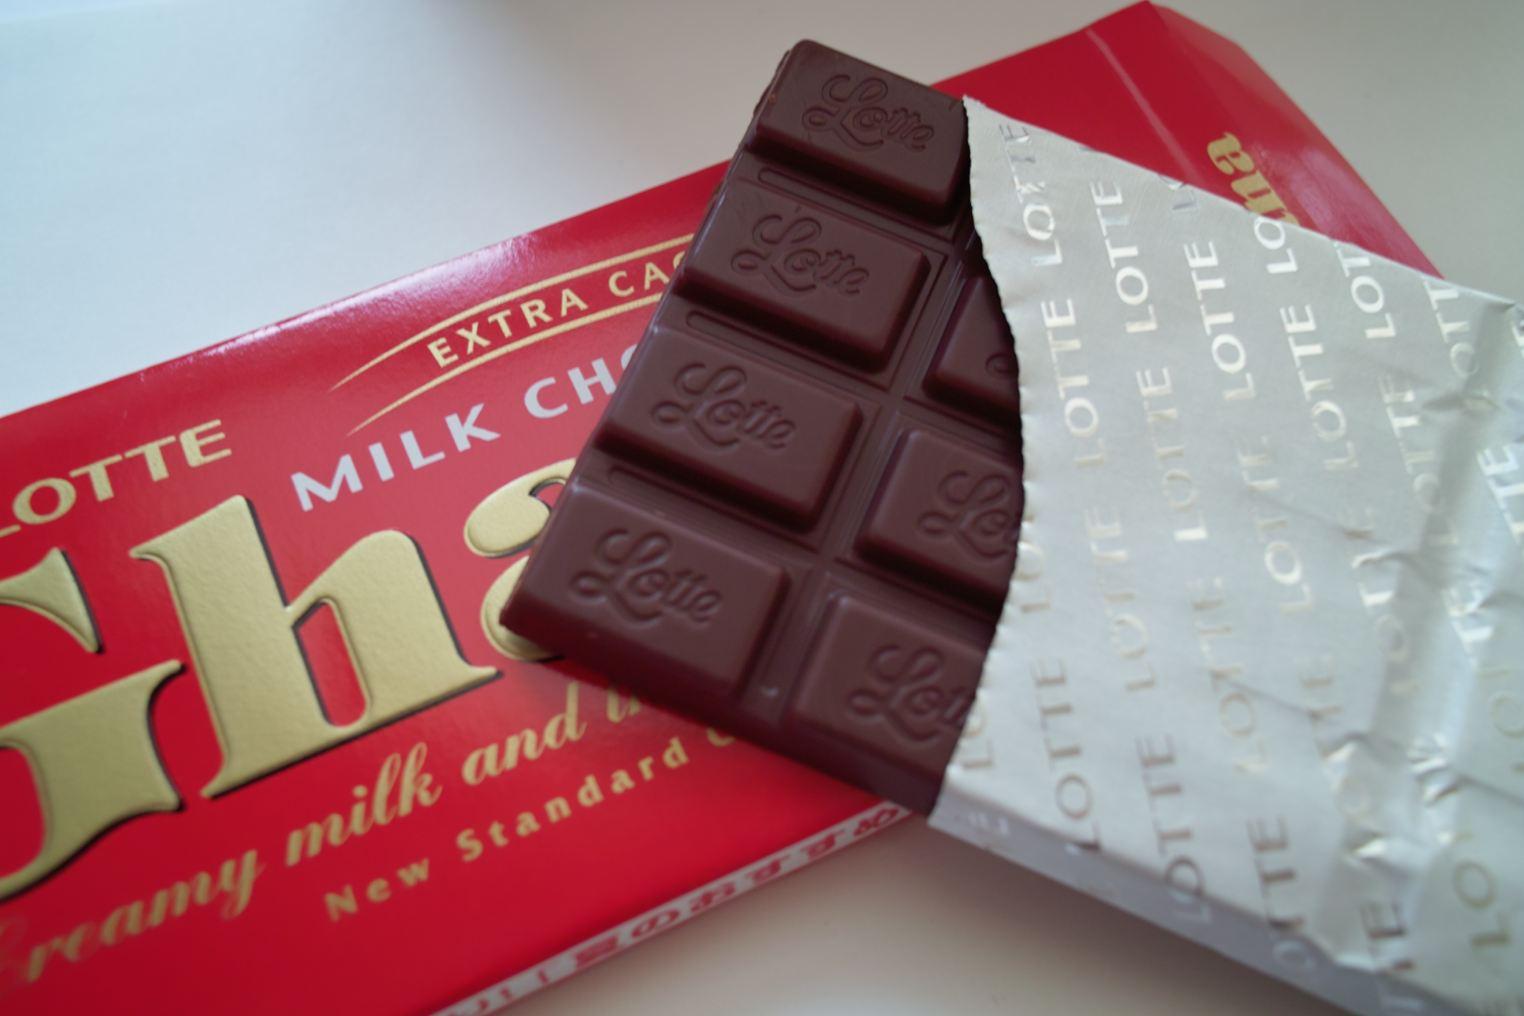 真っ赤なガーナで気持ちを伝えよう♪ガーナの絶品チョコレシピ5選のサムネイル画像